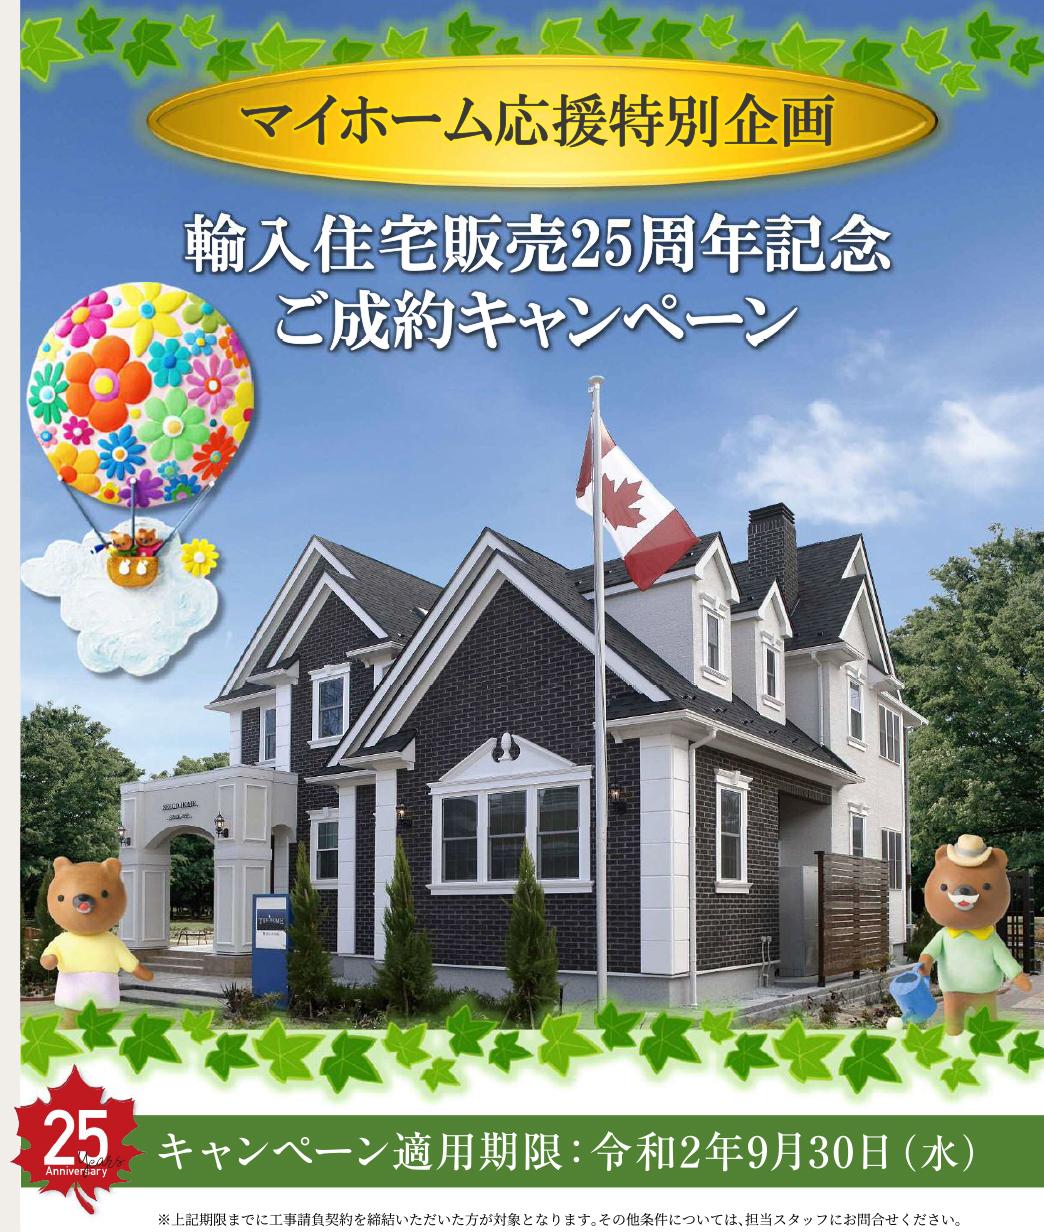 【マイホーム応援特別企画】輸入住宅販売25周年記念 ご成約キャンペーン